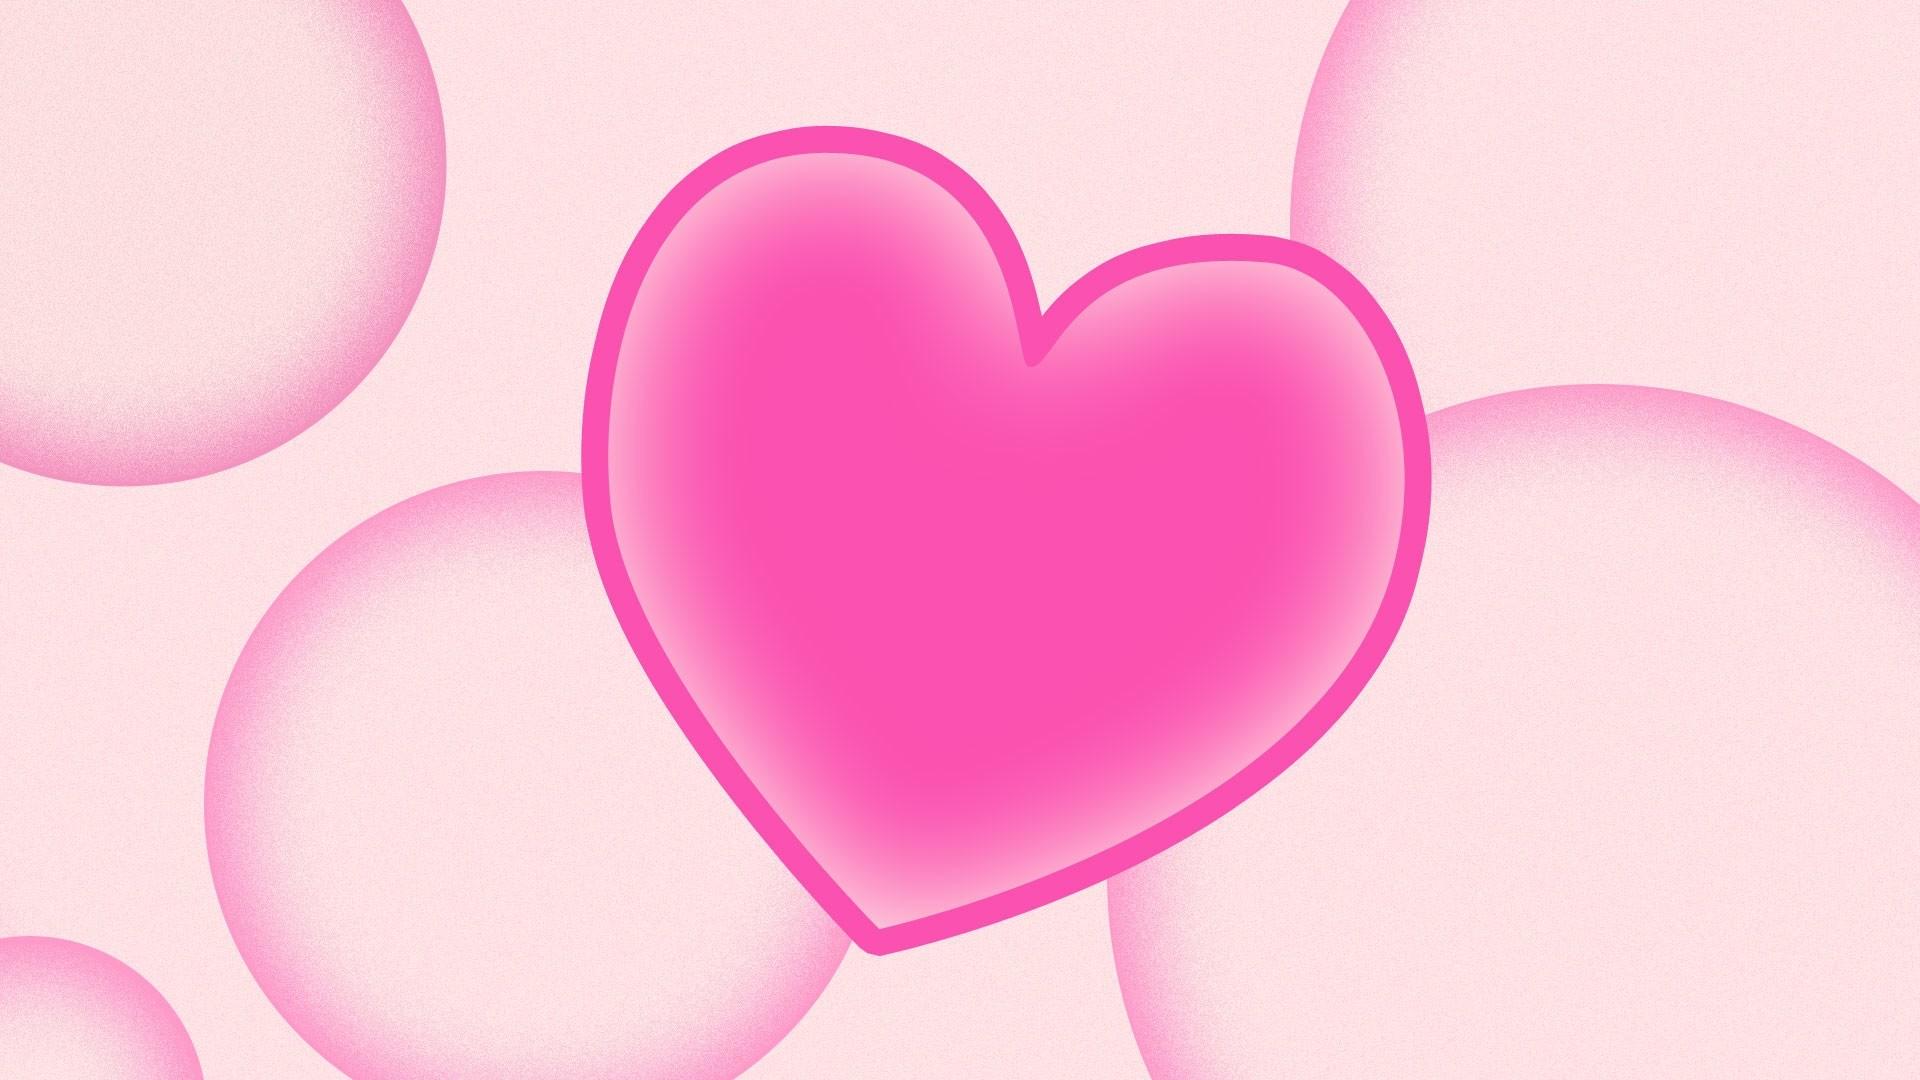 Pink Heart Desktop wallpaper